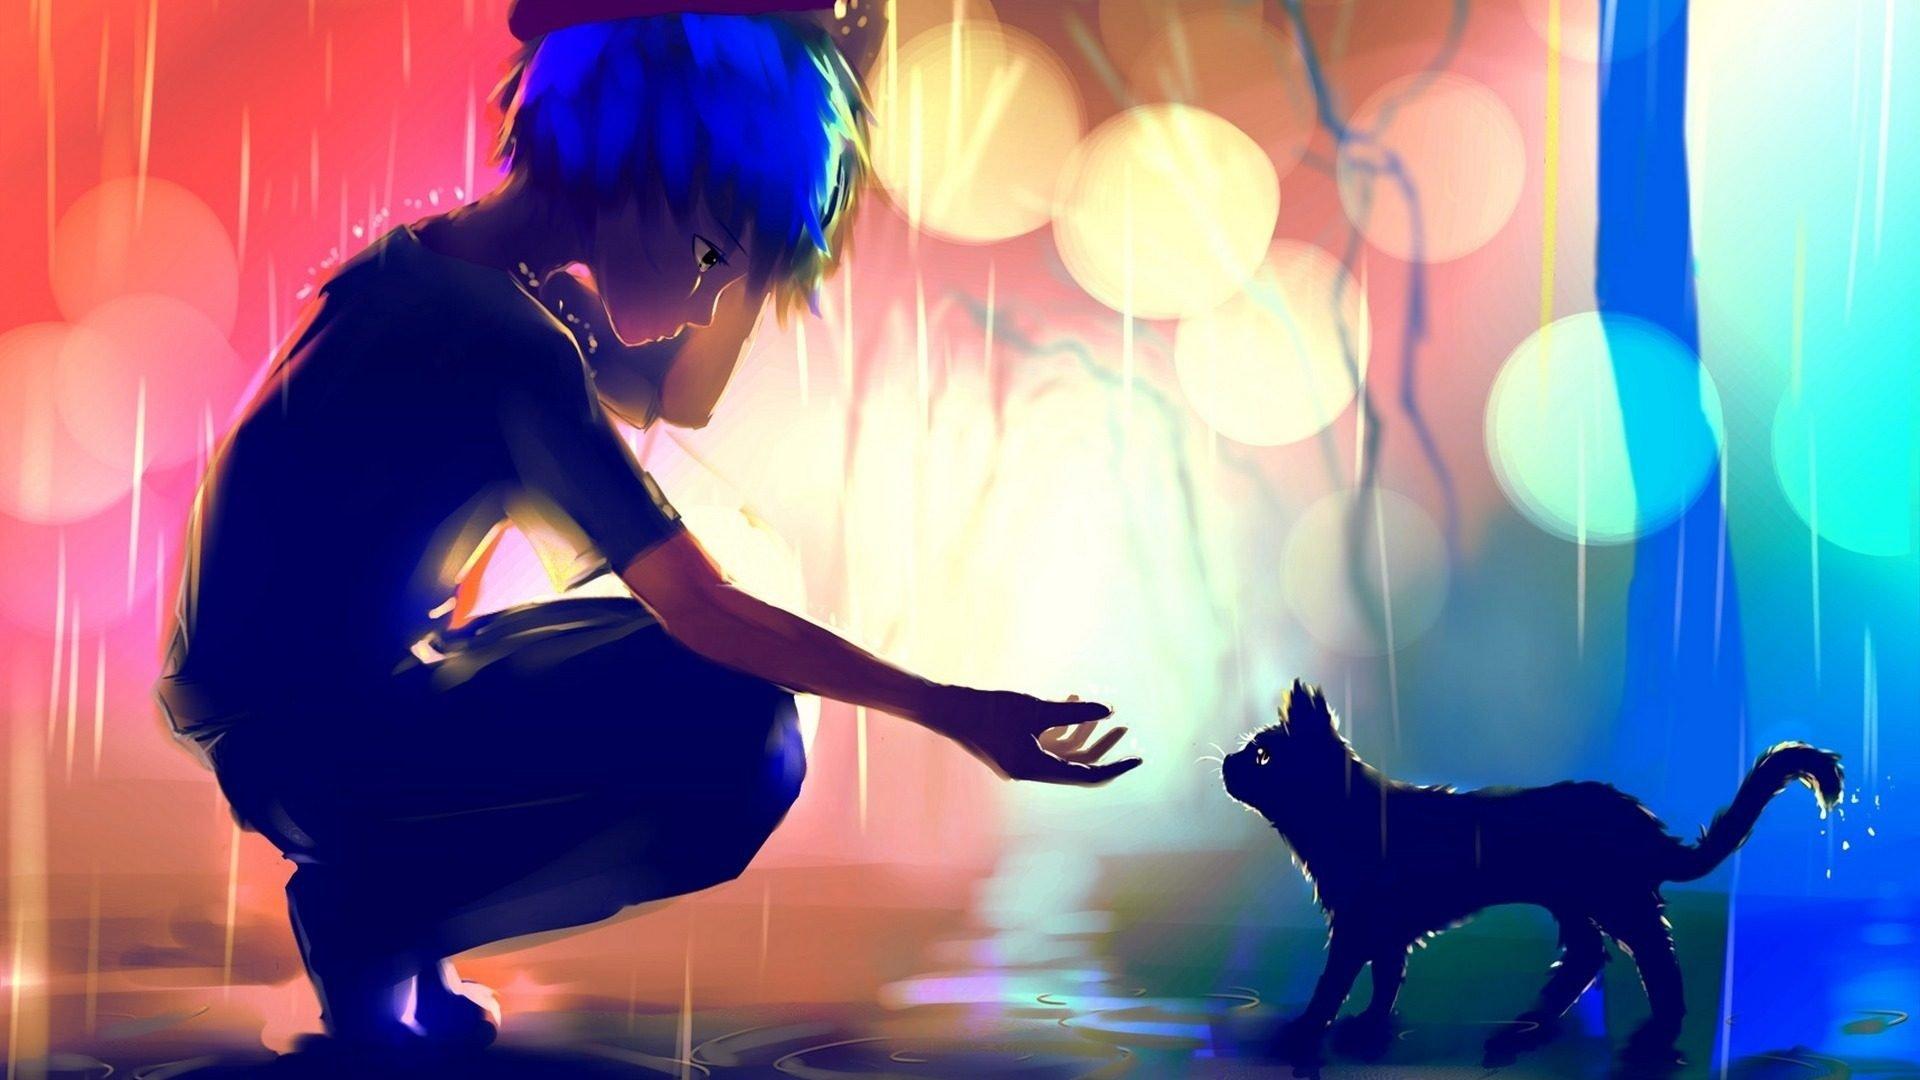 Anime - Original  Rain Cat Boy Original (Anime) Wallpaper